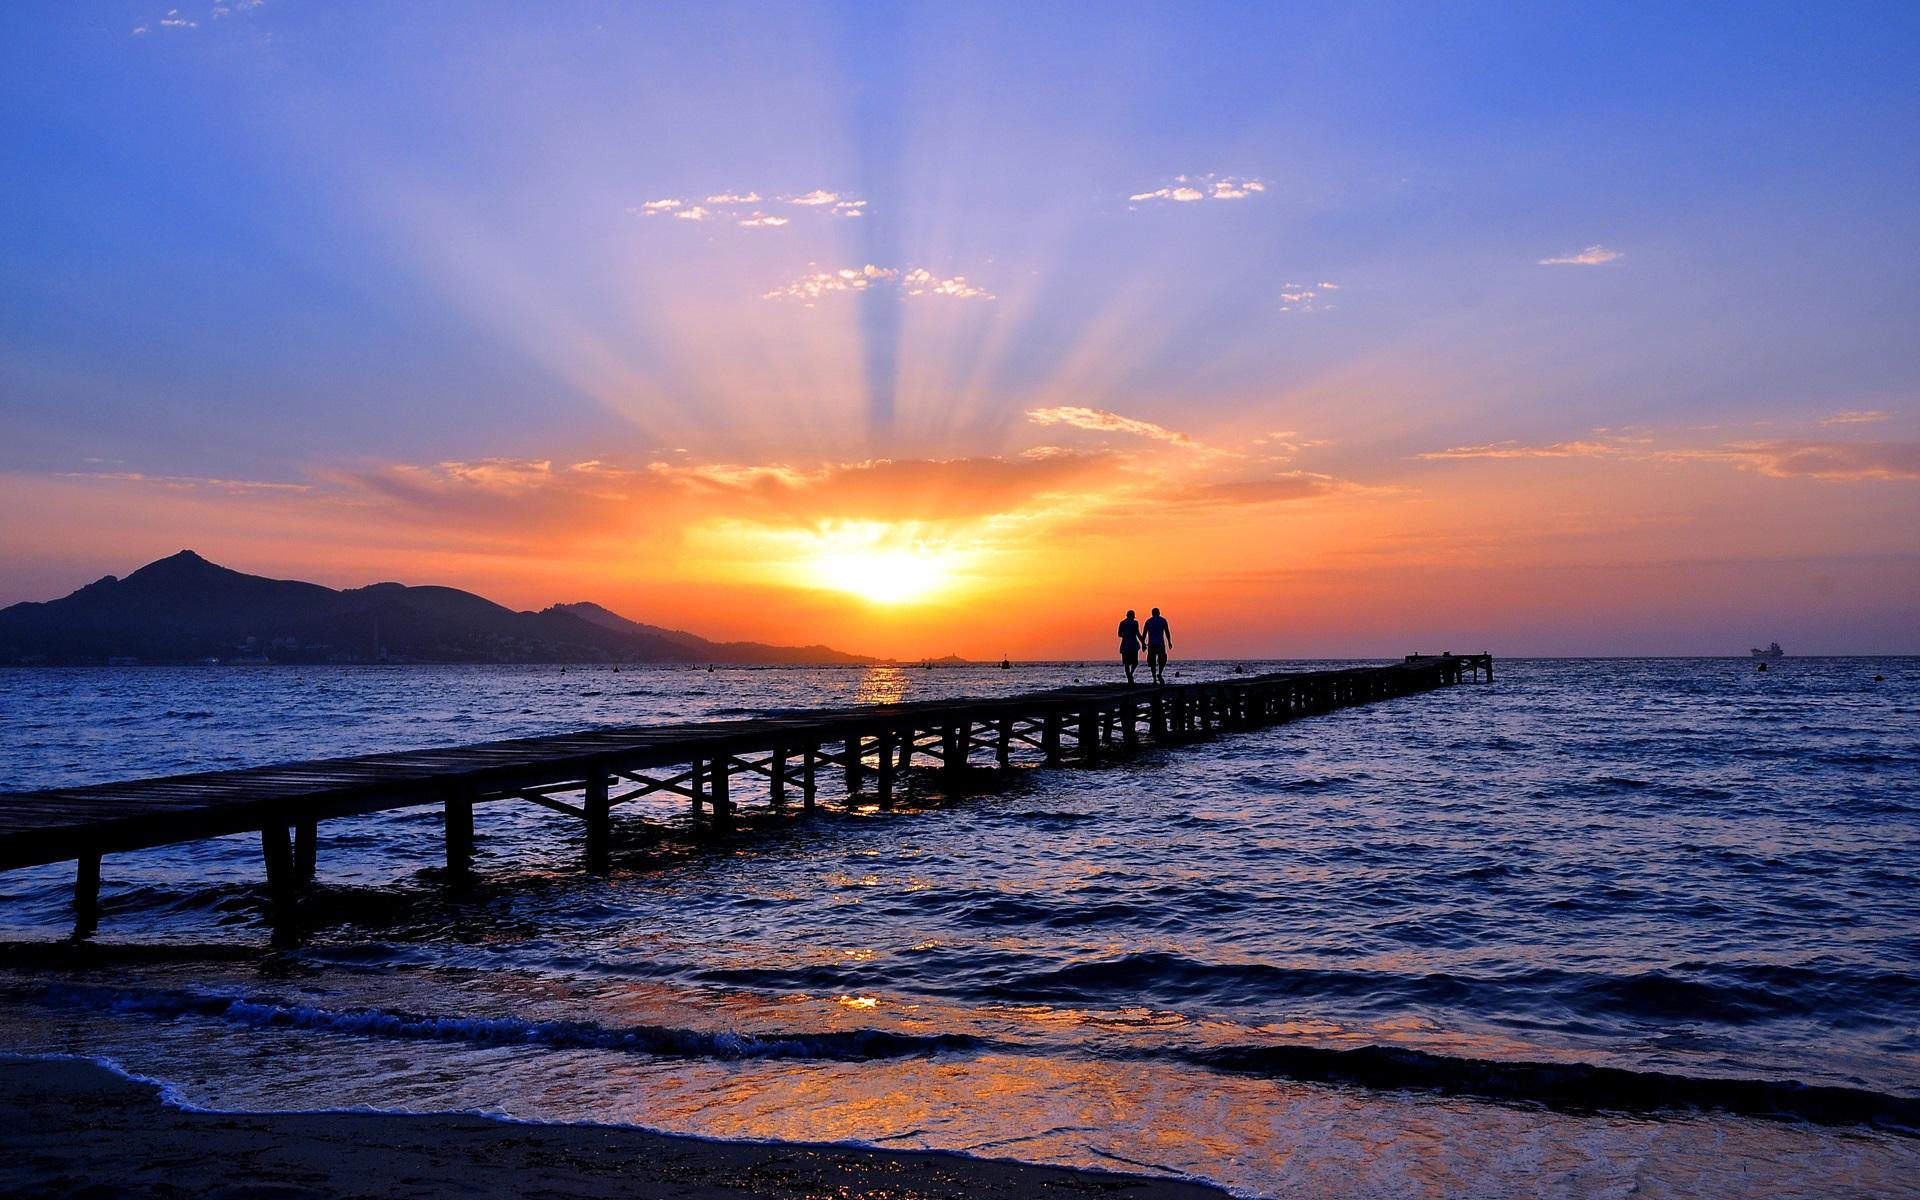 壁紙描述: 海邊,海水,沙灘,橋�,兩個人,天空